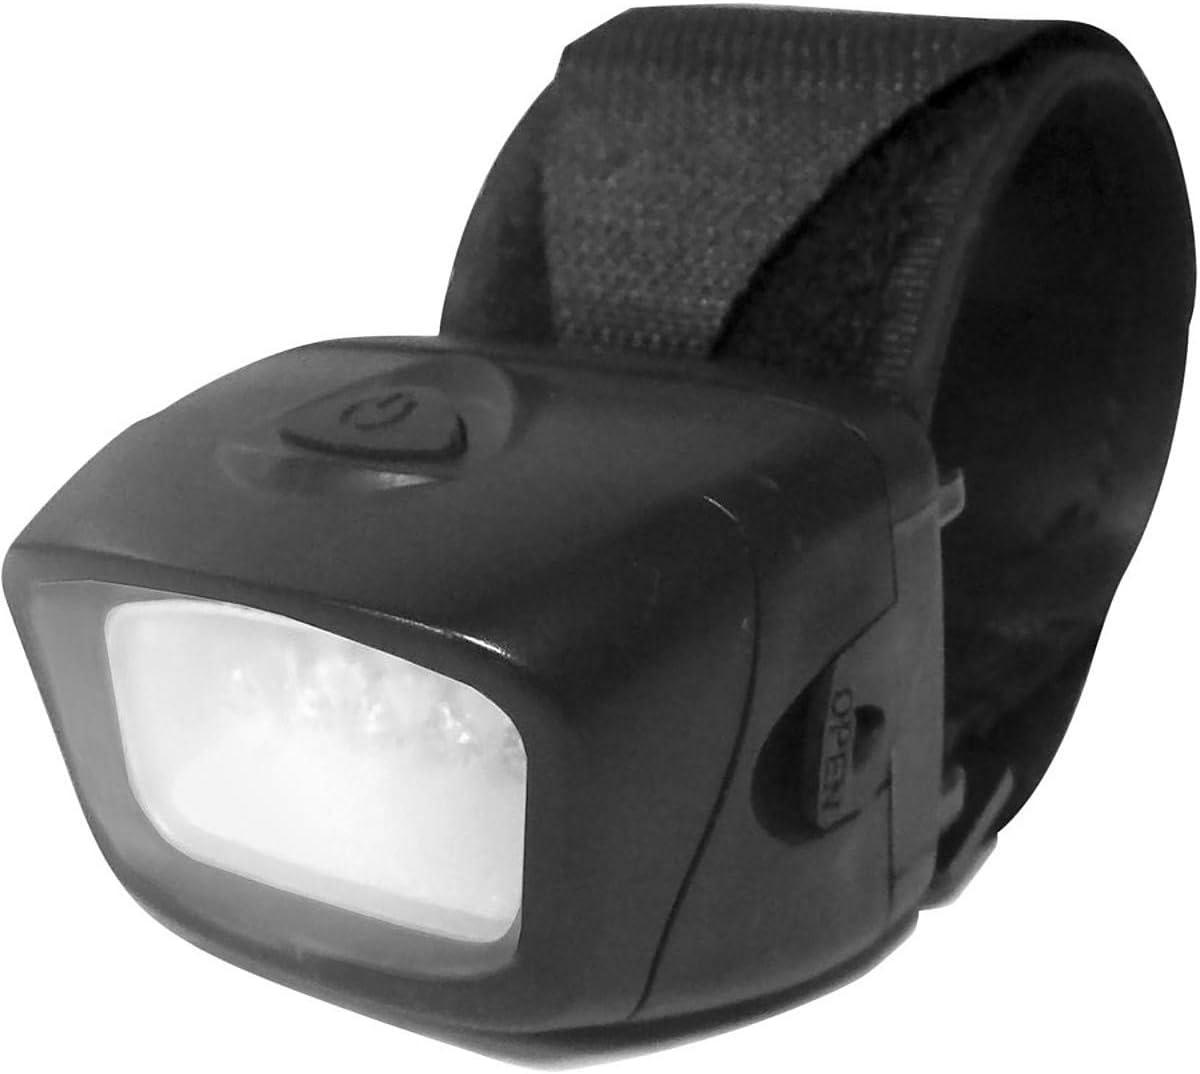 Seizmik LED Strap Light 03050